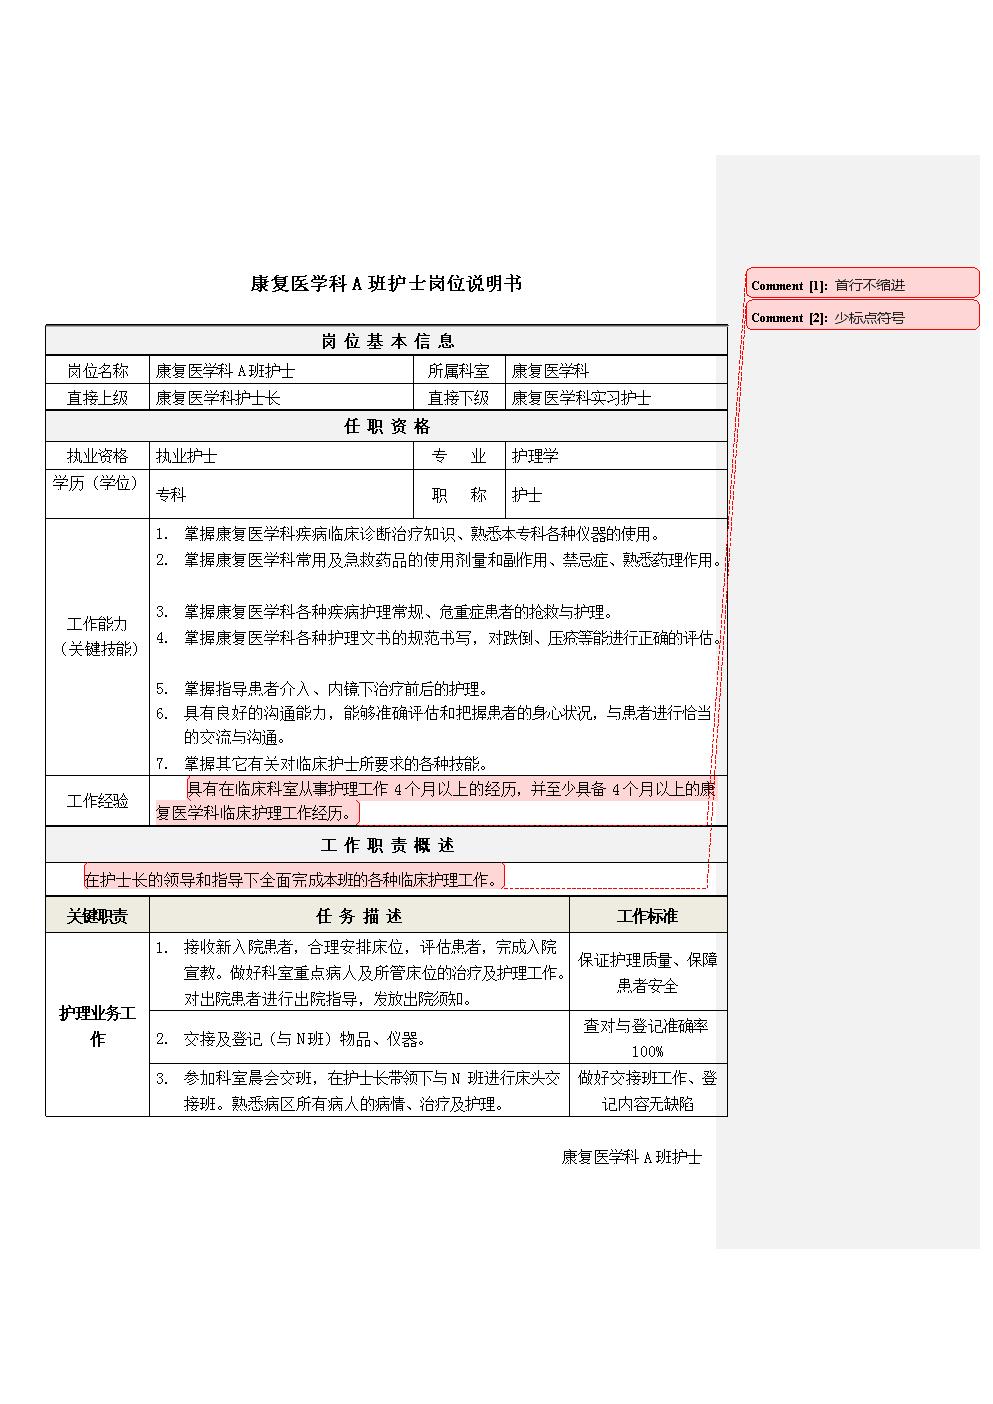 4康复医学科A班护士岗位说明书.docx